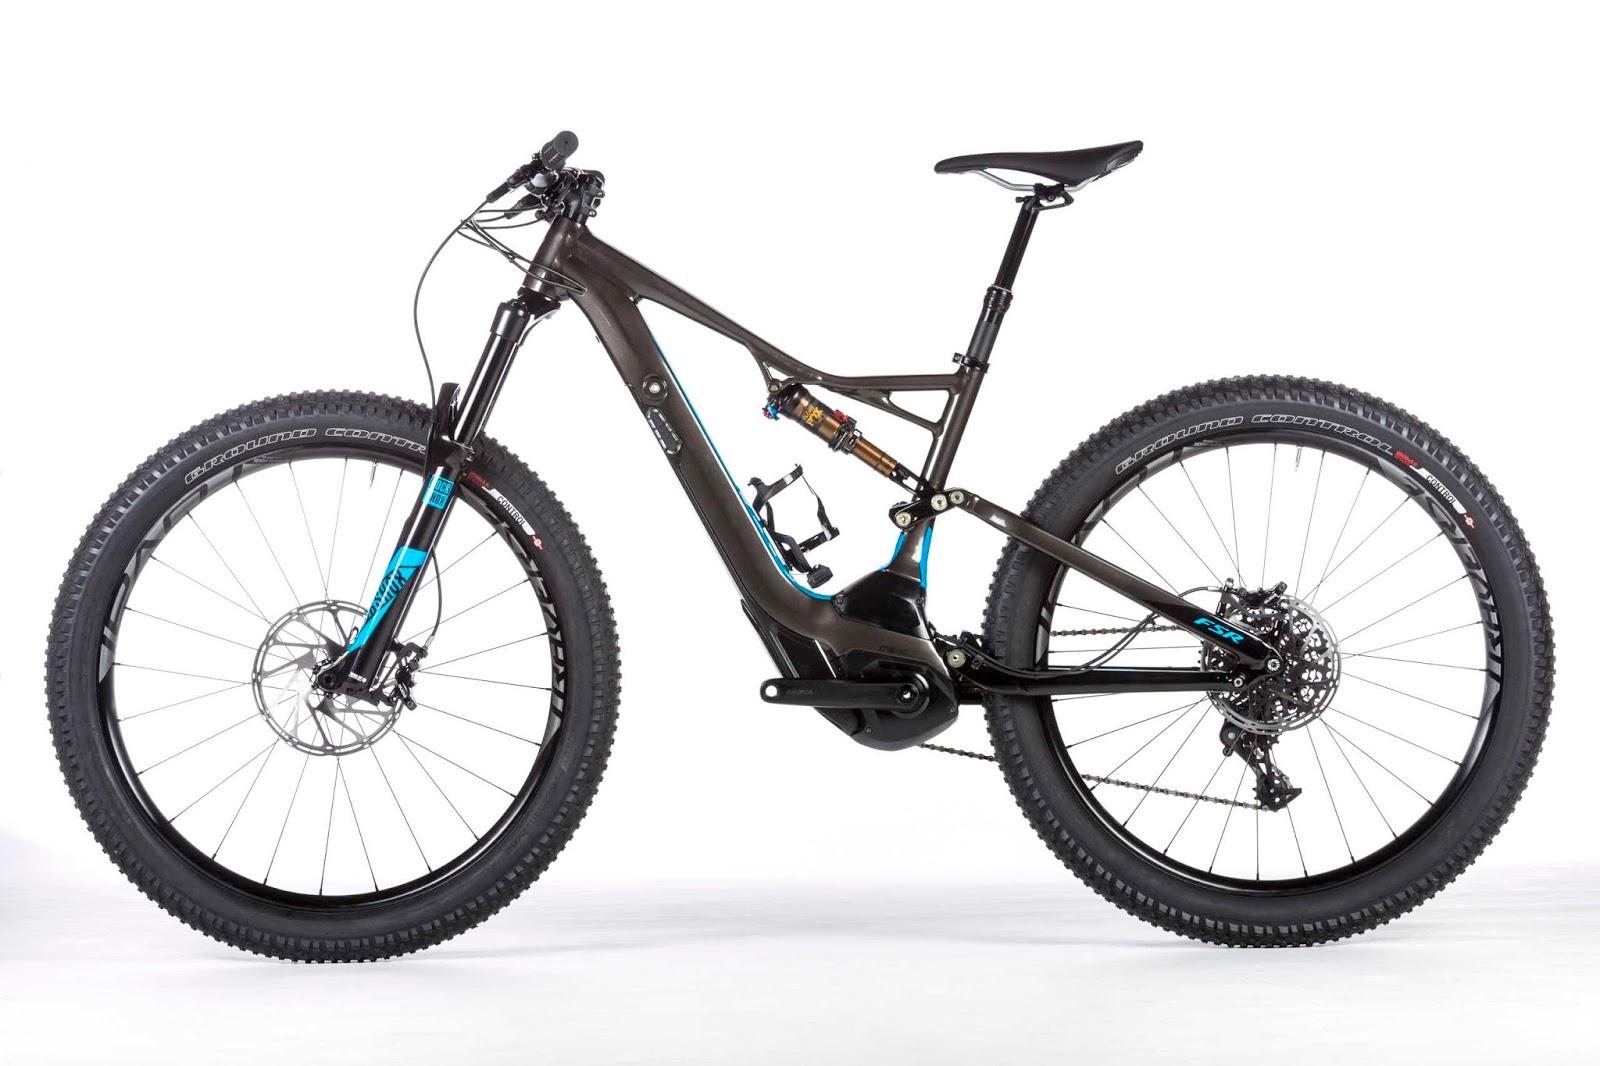 Enfoque noticias colombia turbo levo la mejor bicicleta - La mejor calefaccion electrica ...